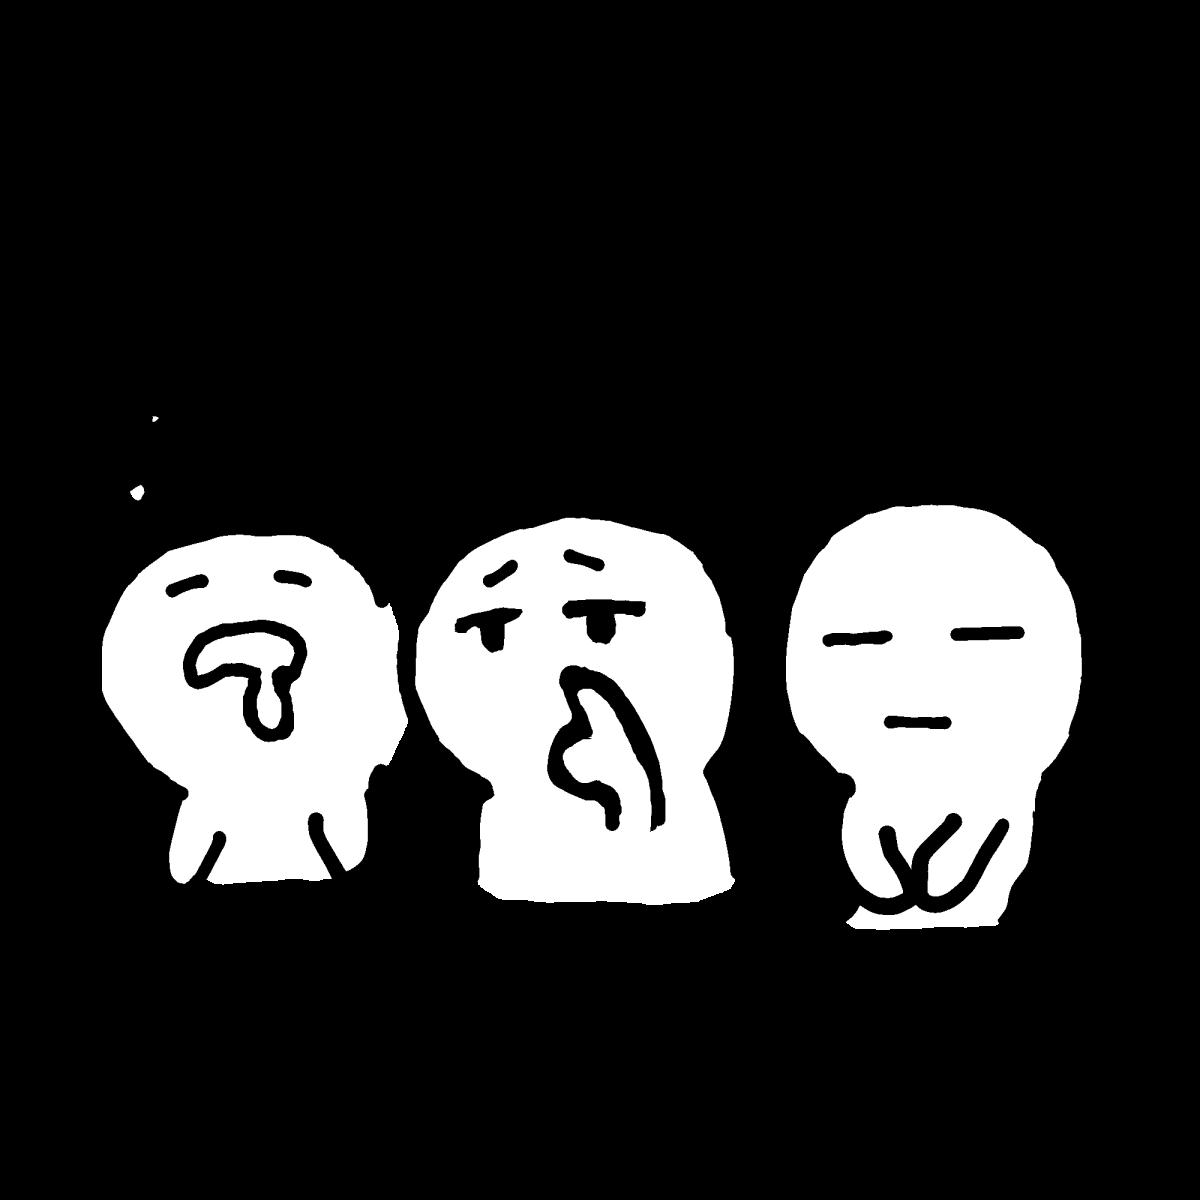 仲間としらけるのイラスト Lose touch with friends  Illustration